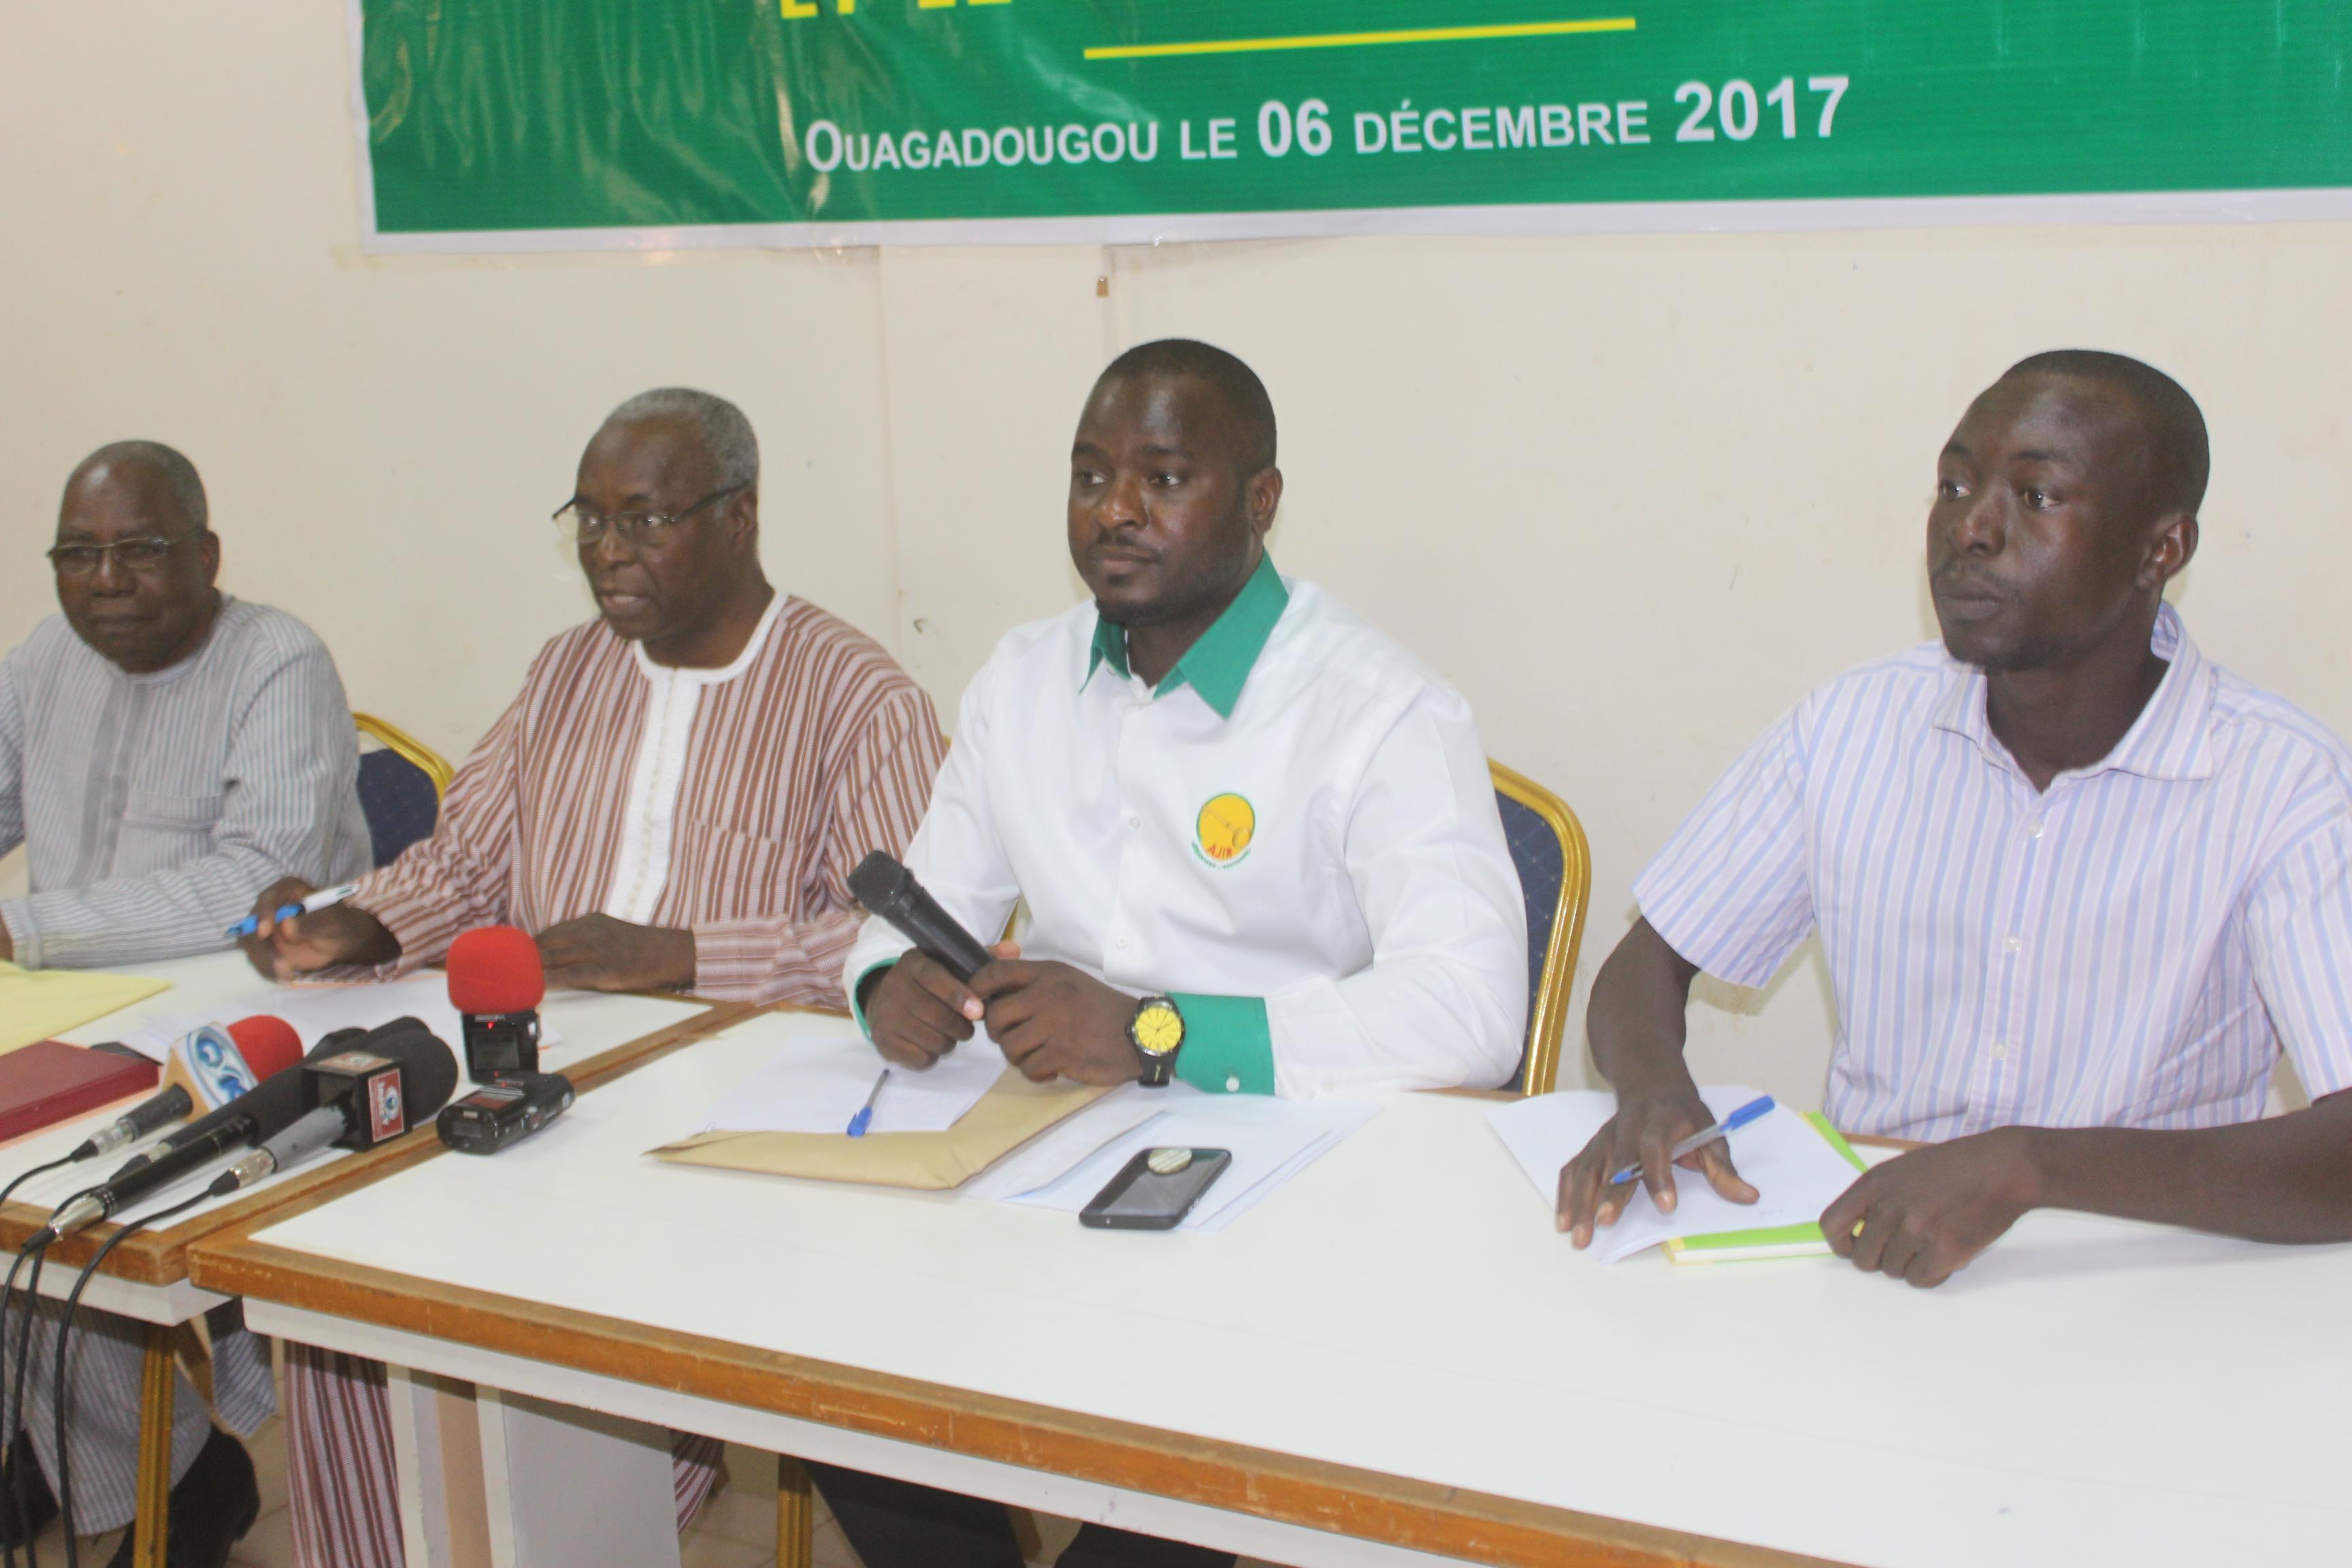 UNION POUR LA DEMOCRATIE ET LE PROGRES : la nouvelle formation politique officiellement présentée